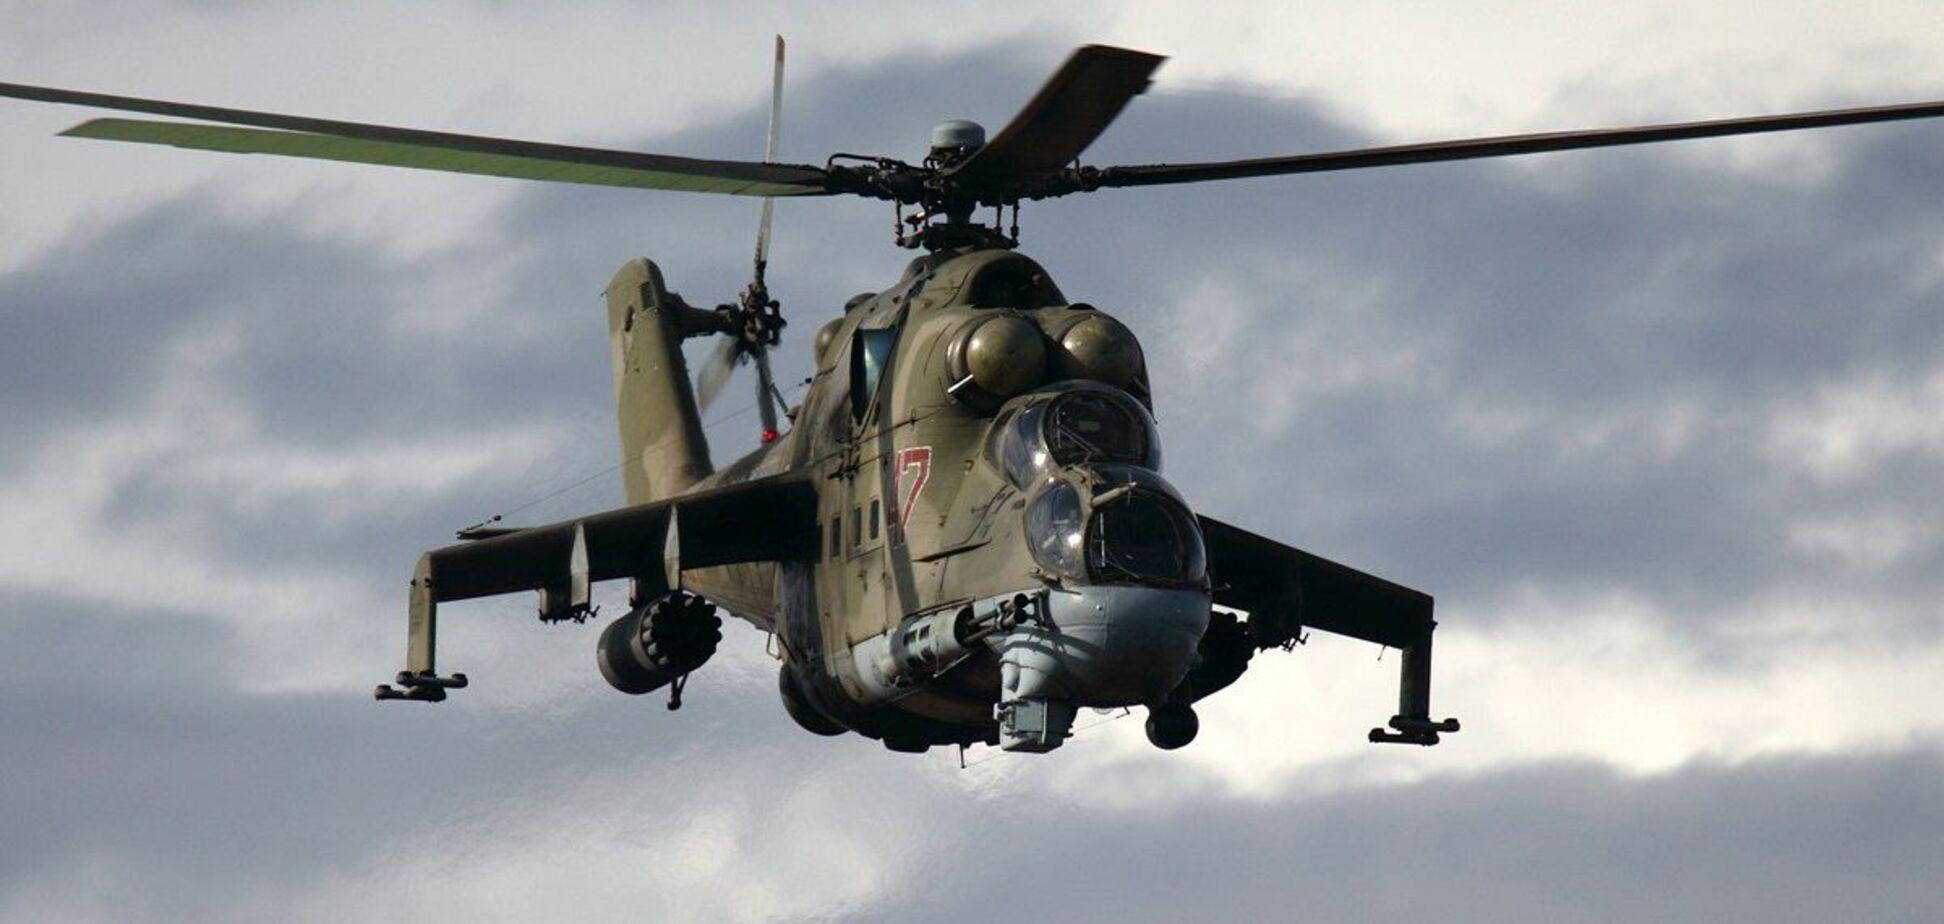 Азербайджан визнав, що збив російський вертоліт і вибачився